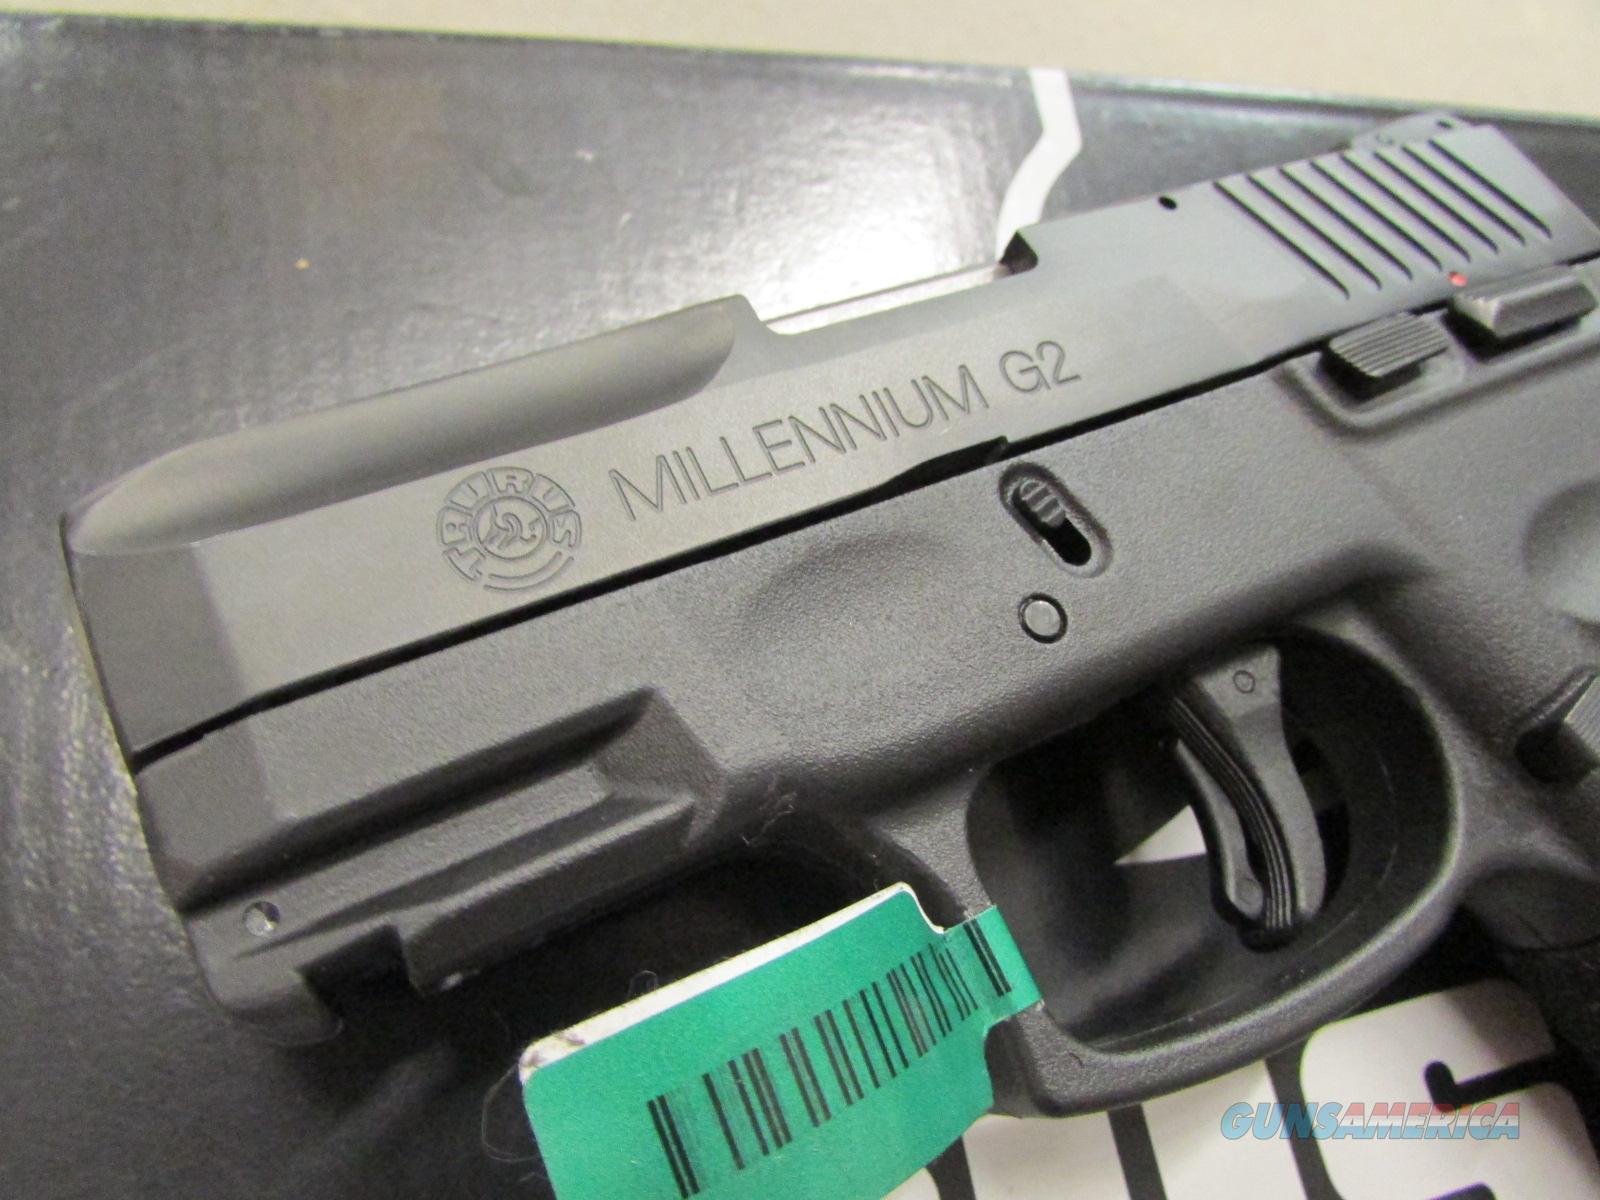 Taurus Pt111 Millennium G2 9mm 12 Rd 1 111031g2 For Sale Schematics 9790200